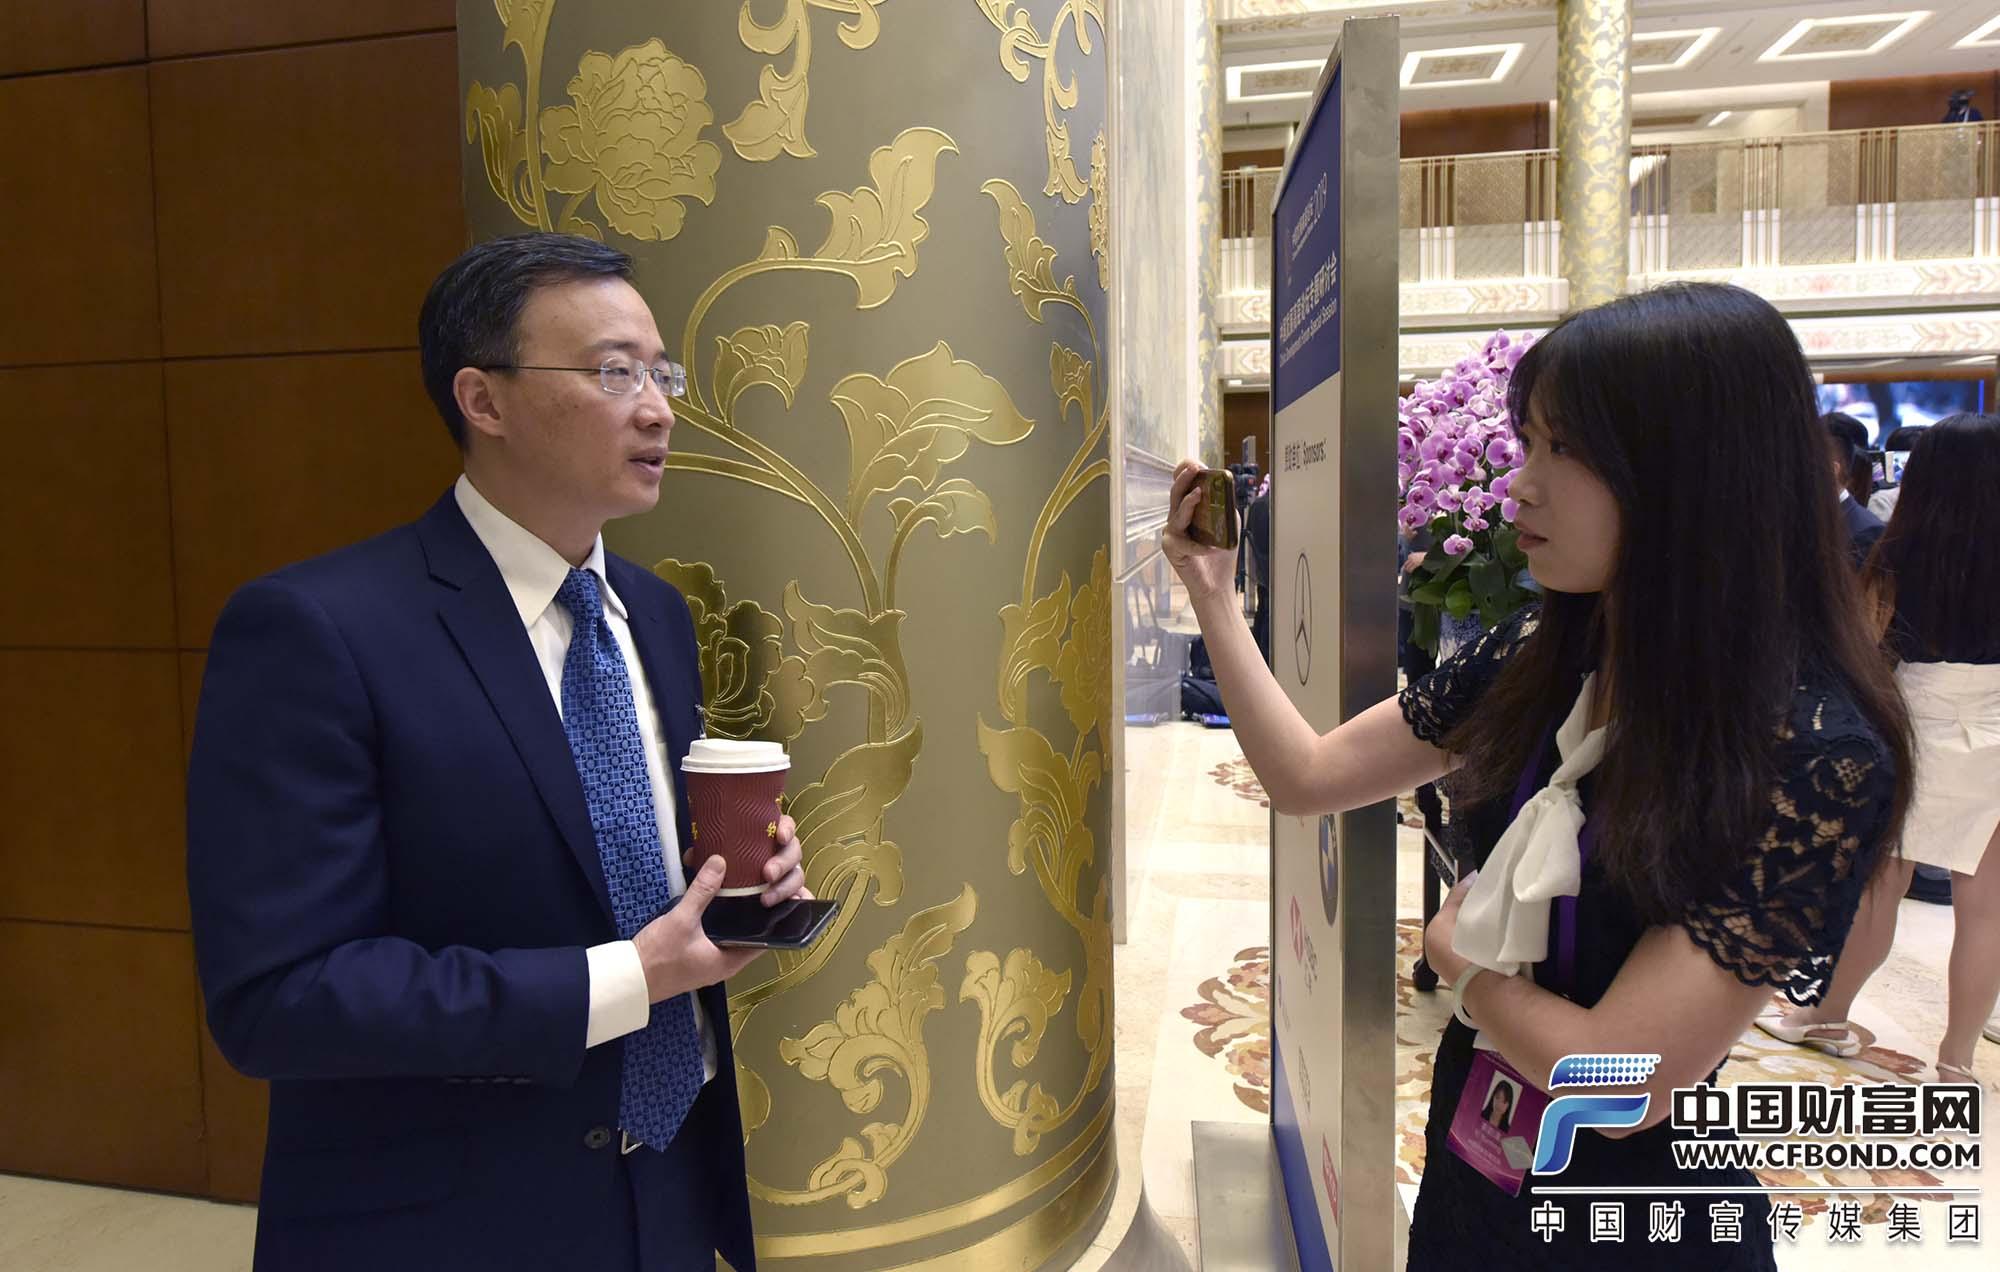 京东集团副总裁沈建光:三四五线城市仍处在消费升级状态